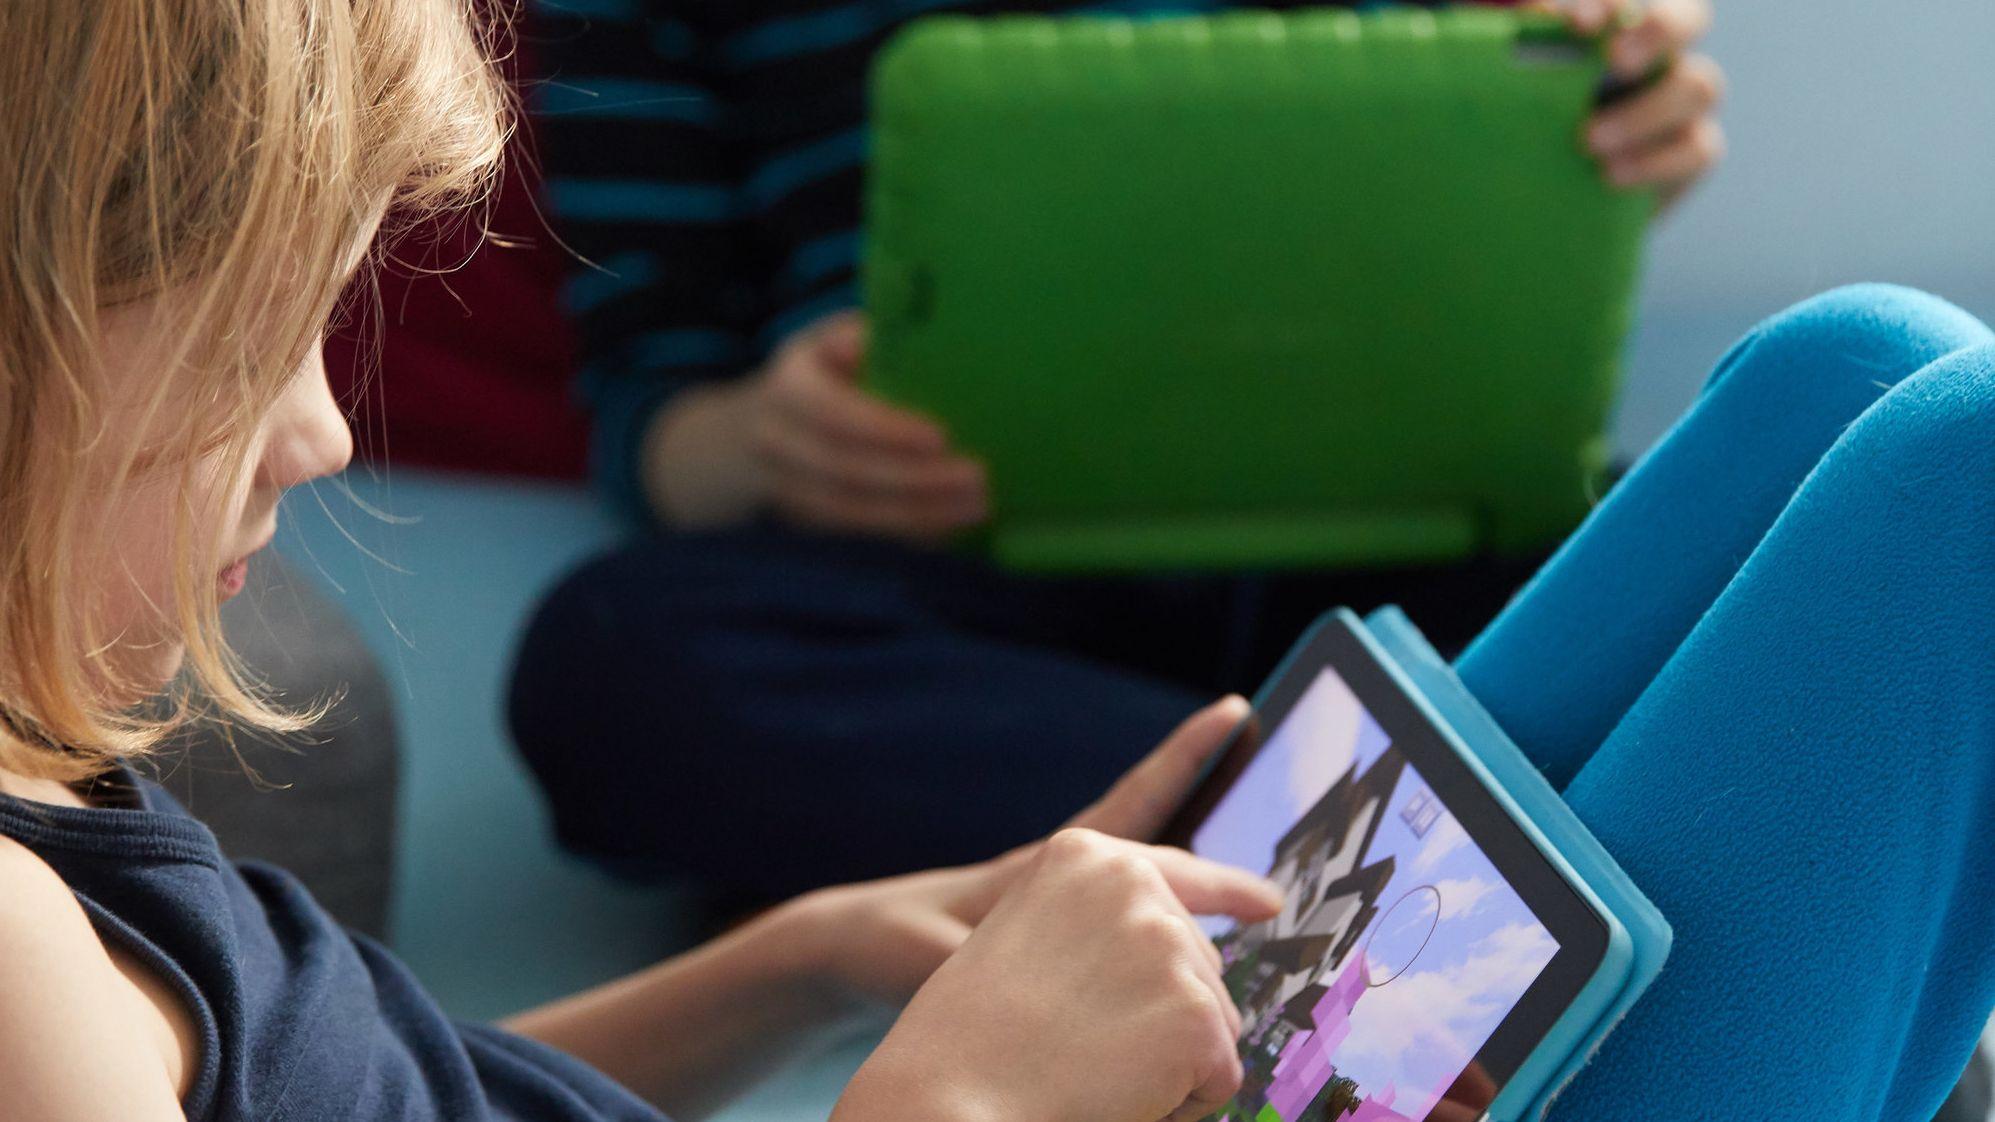 Ein Mädchen spielt auf einem Tablet